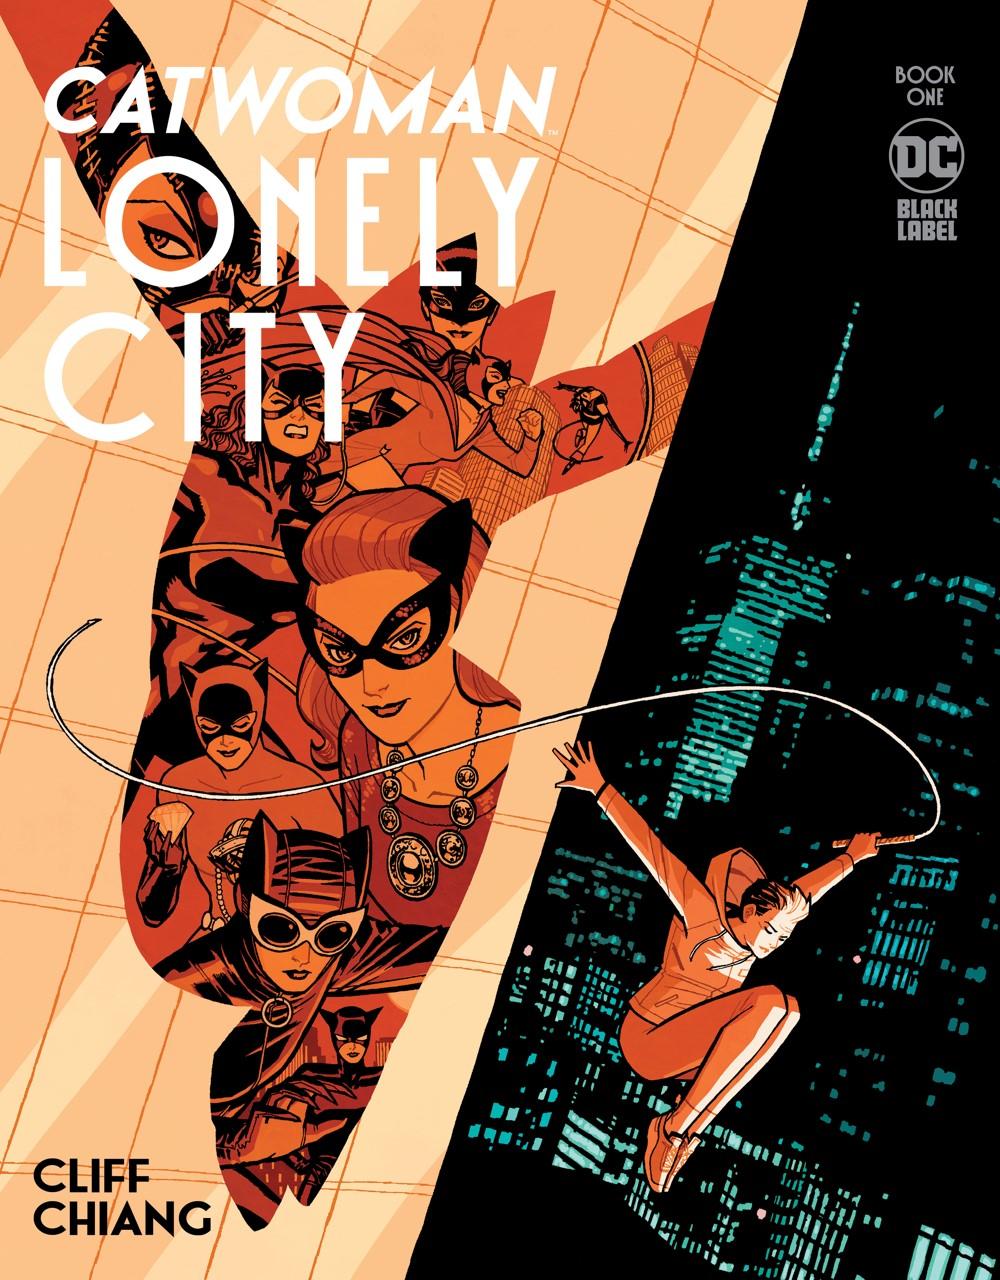 CTWLC_Cv1_c1_c4_00111 DC Comics October 2021 Solicitations